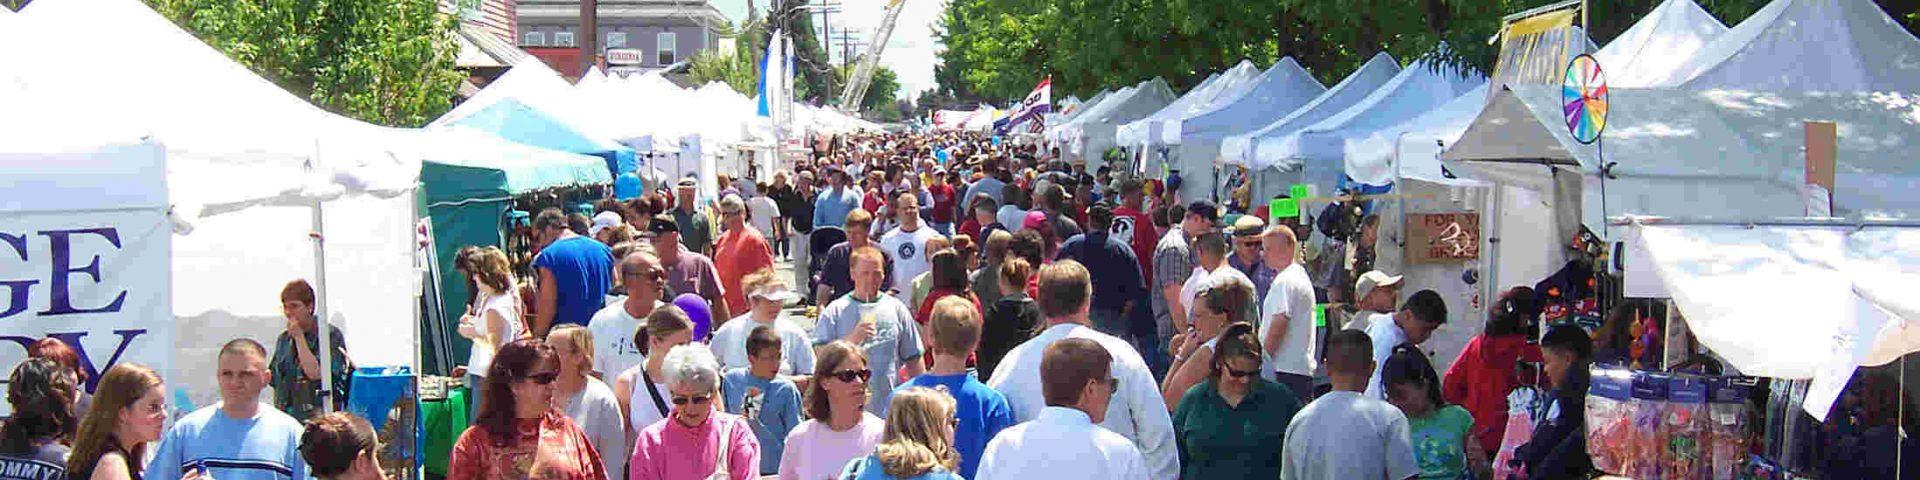 Parkville Street Fair